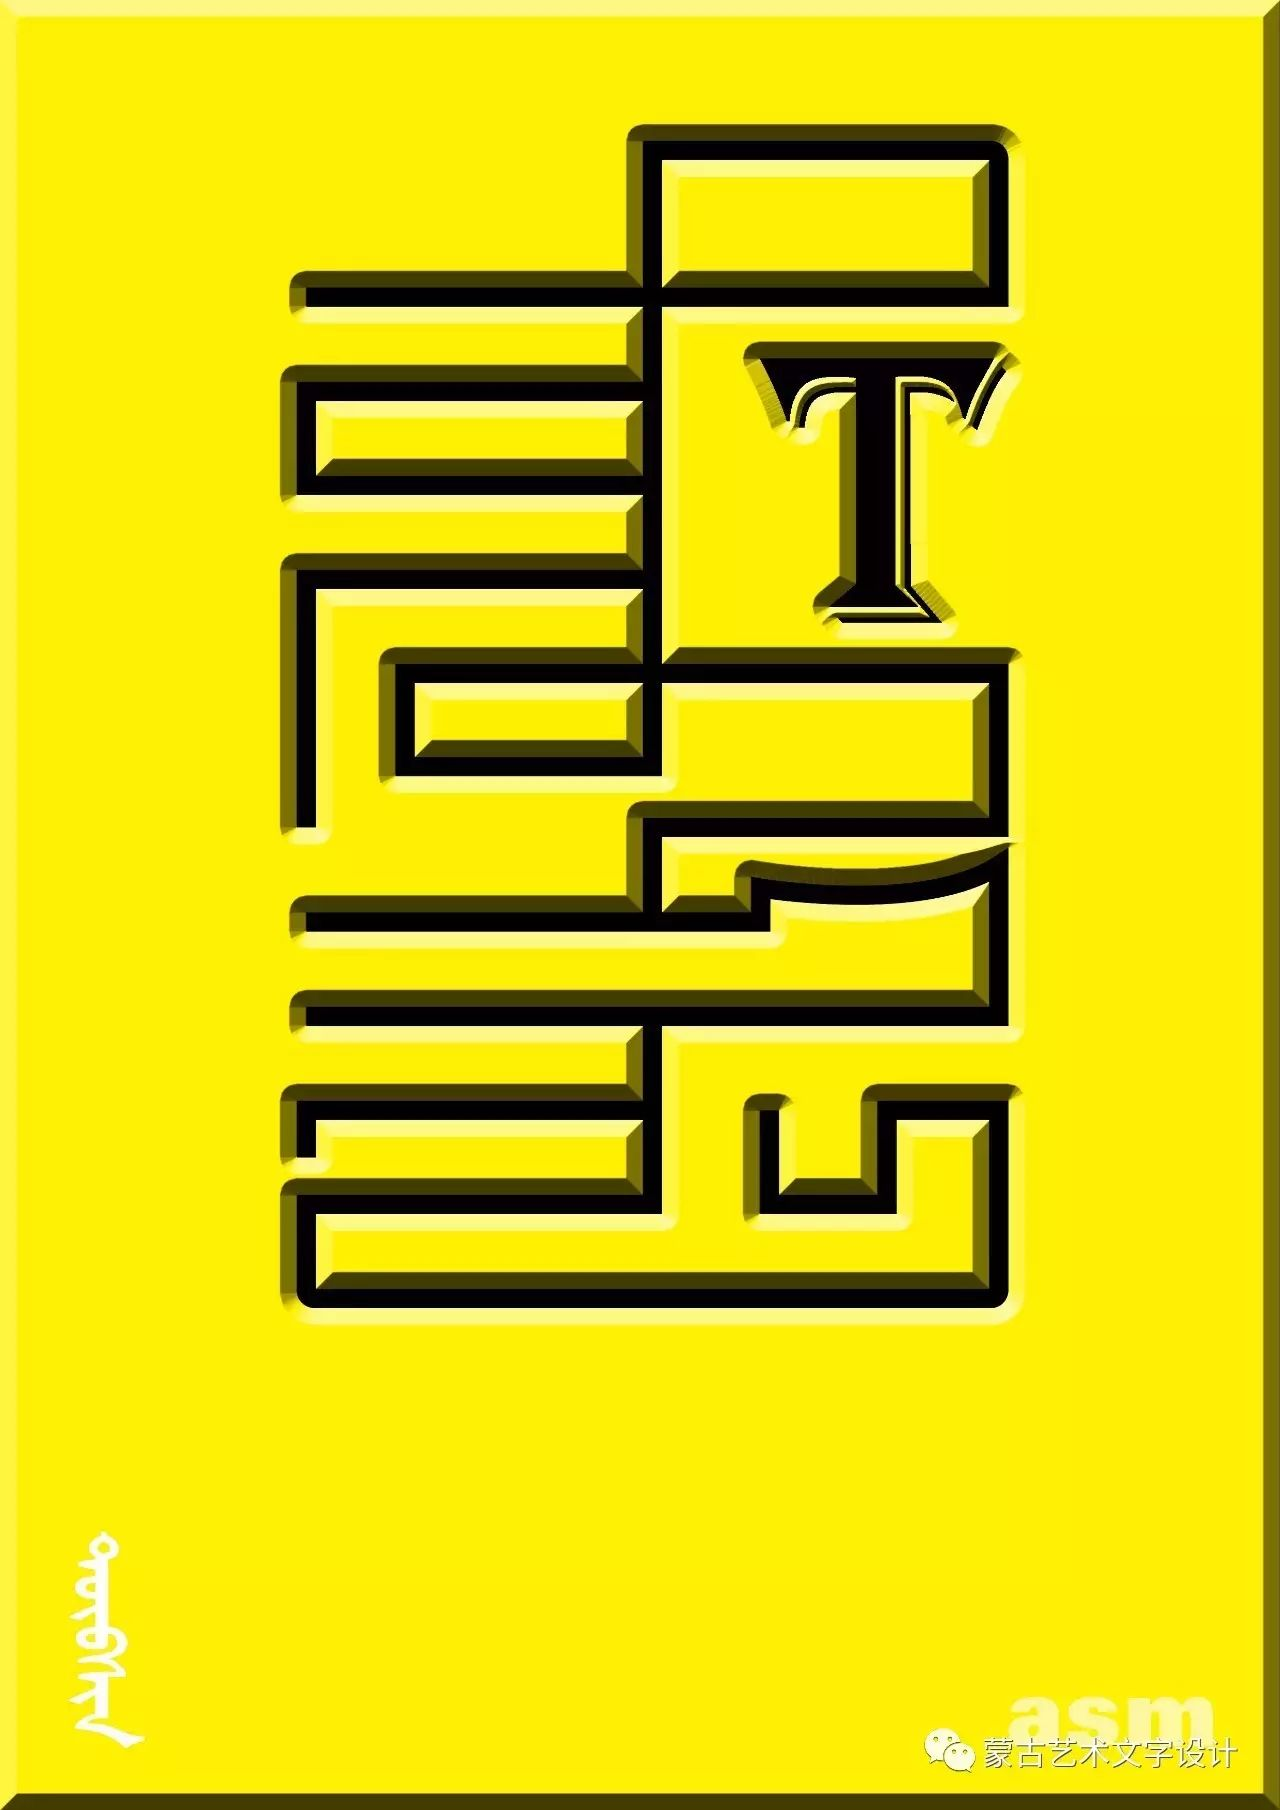 蒙古艺术文字设计 第66张